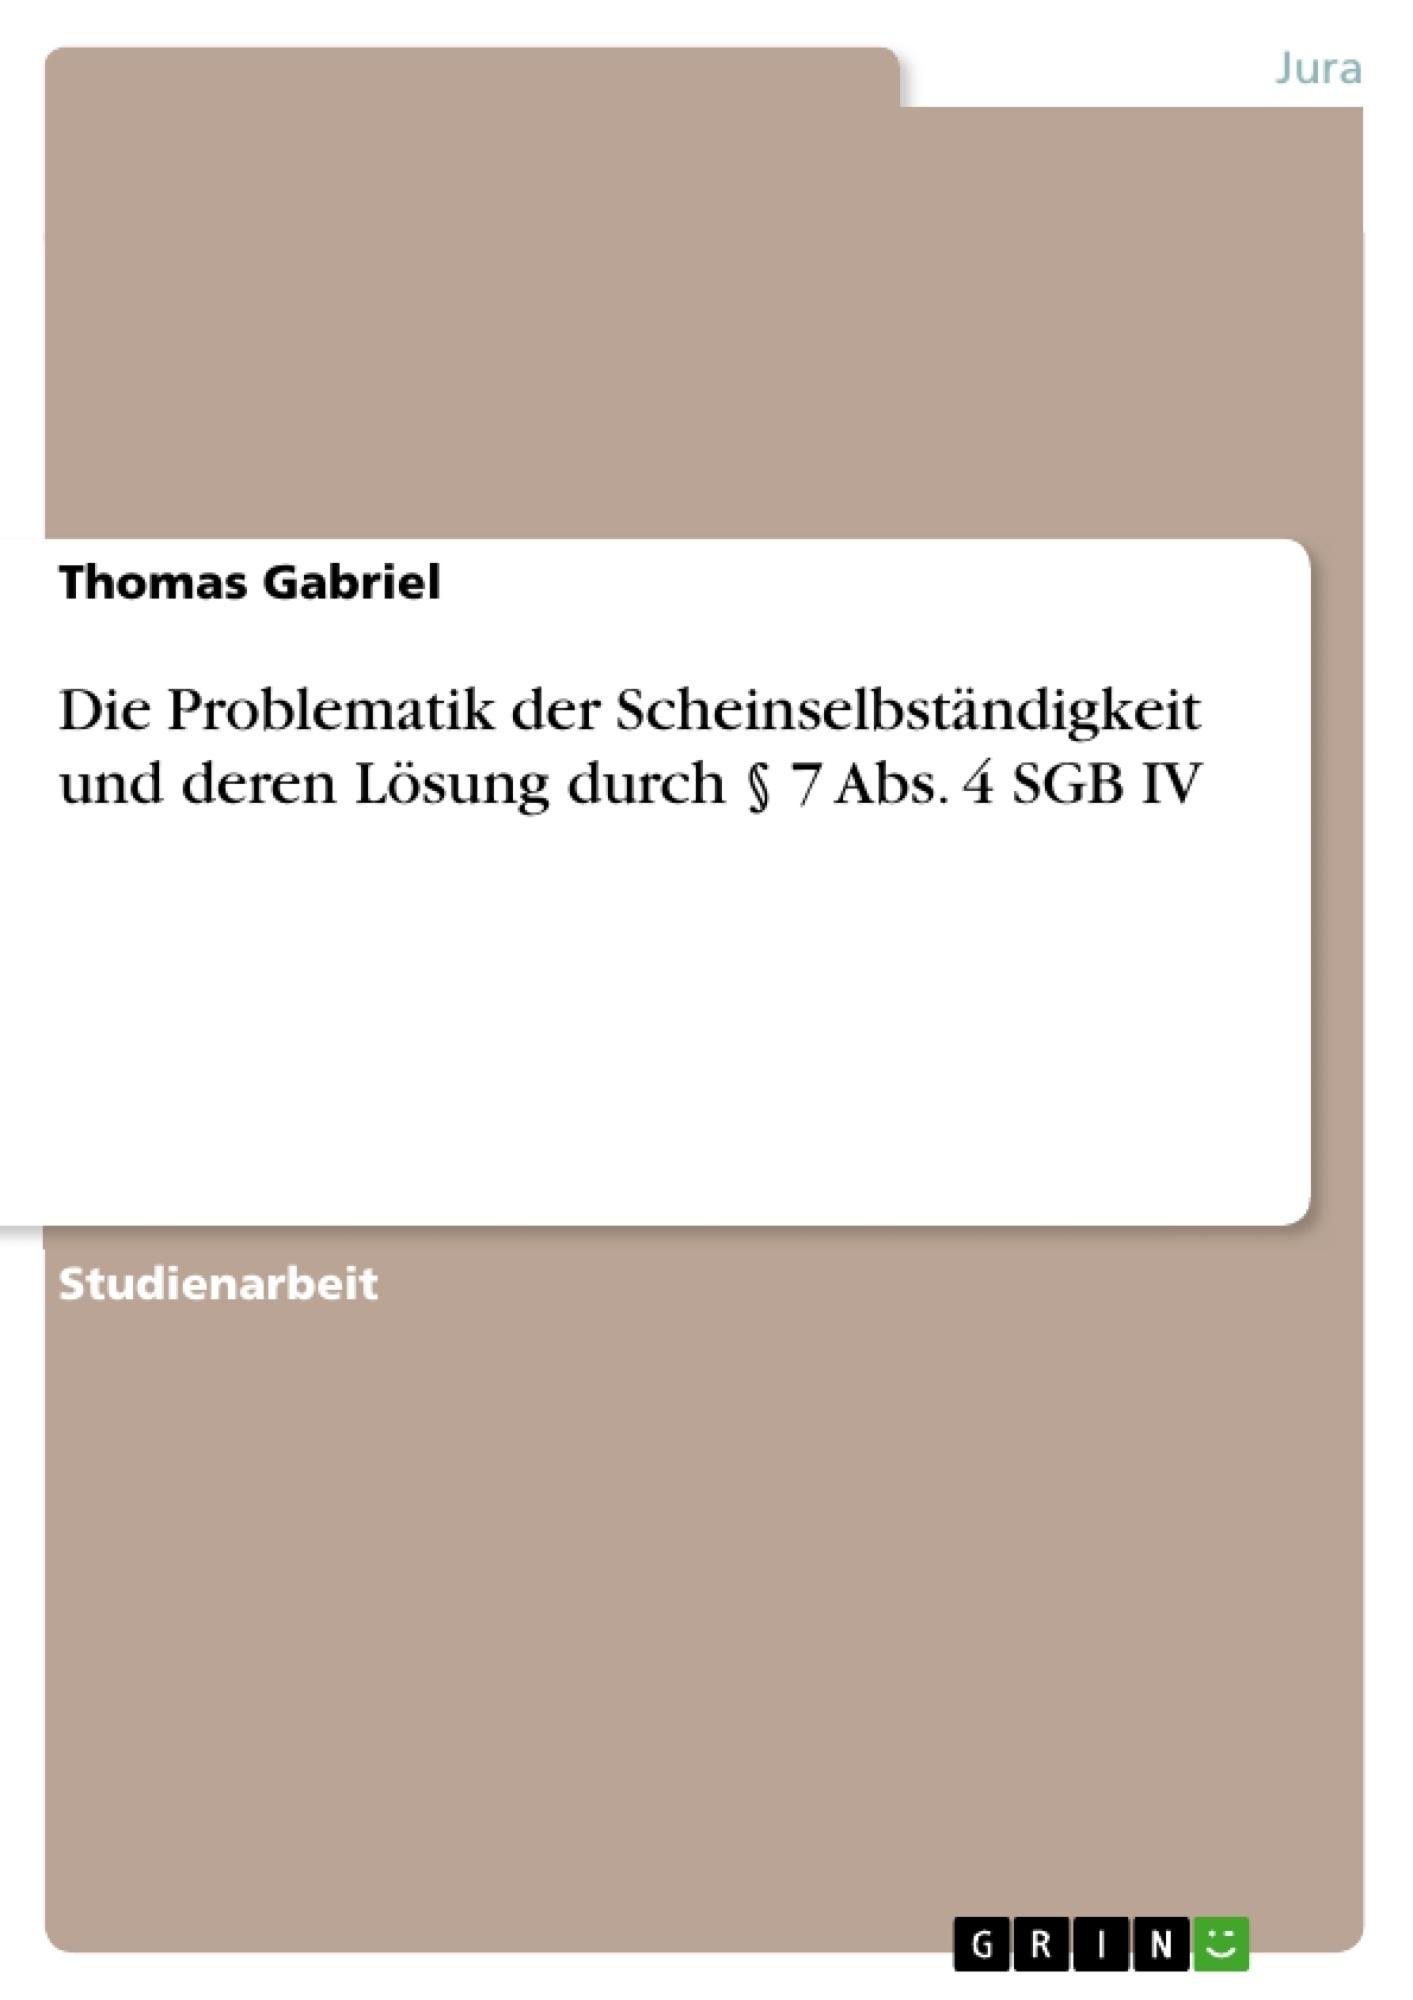 Titel: Die Problematik der Scheinselbständigkeit und deren Lösung durch § 7 Abs. 4 SGB IV